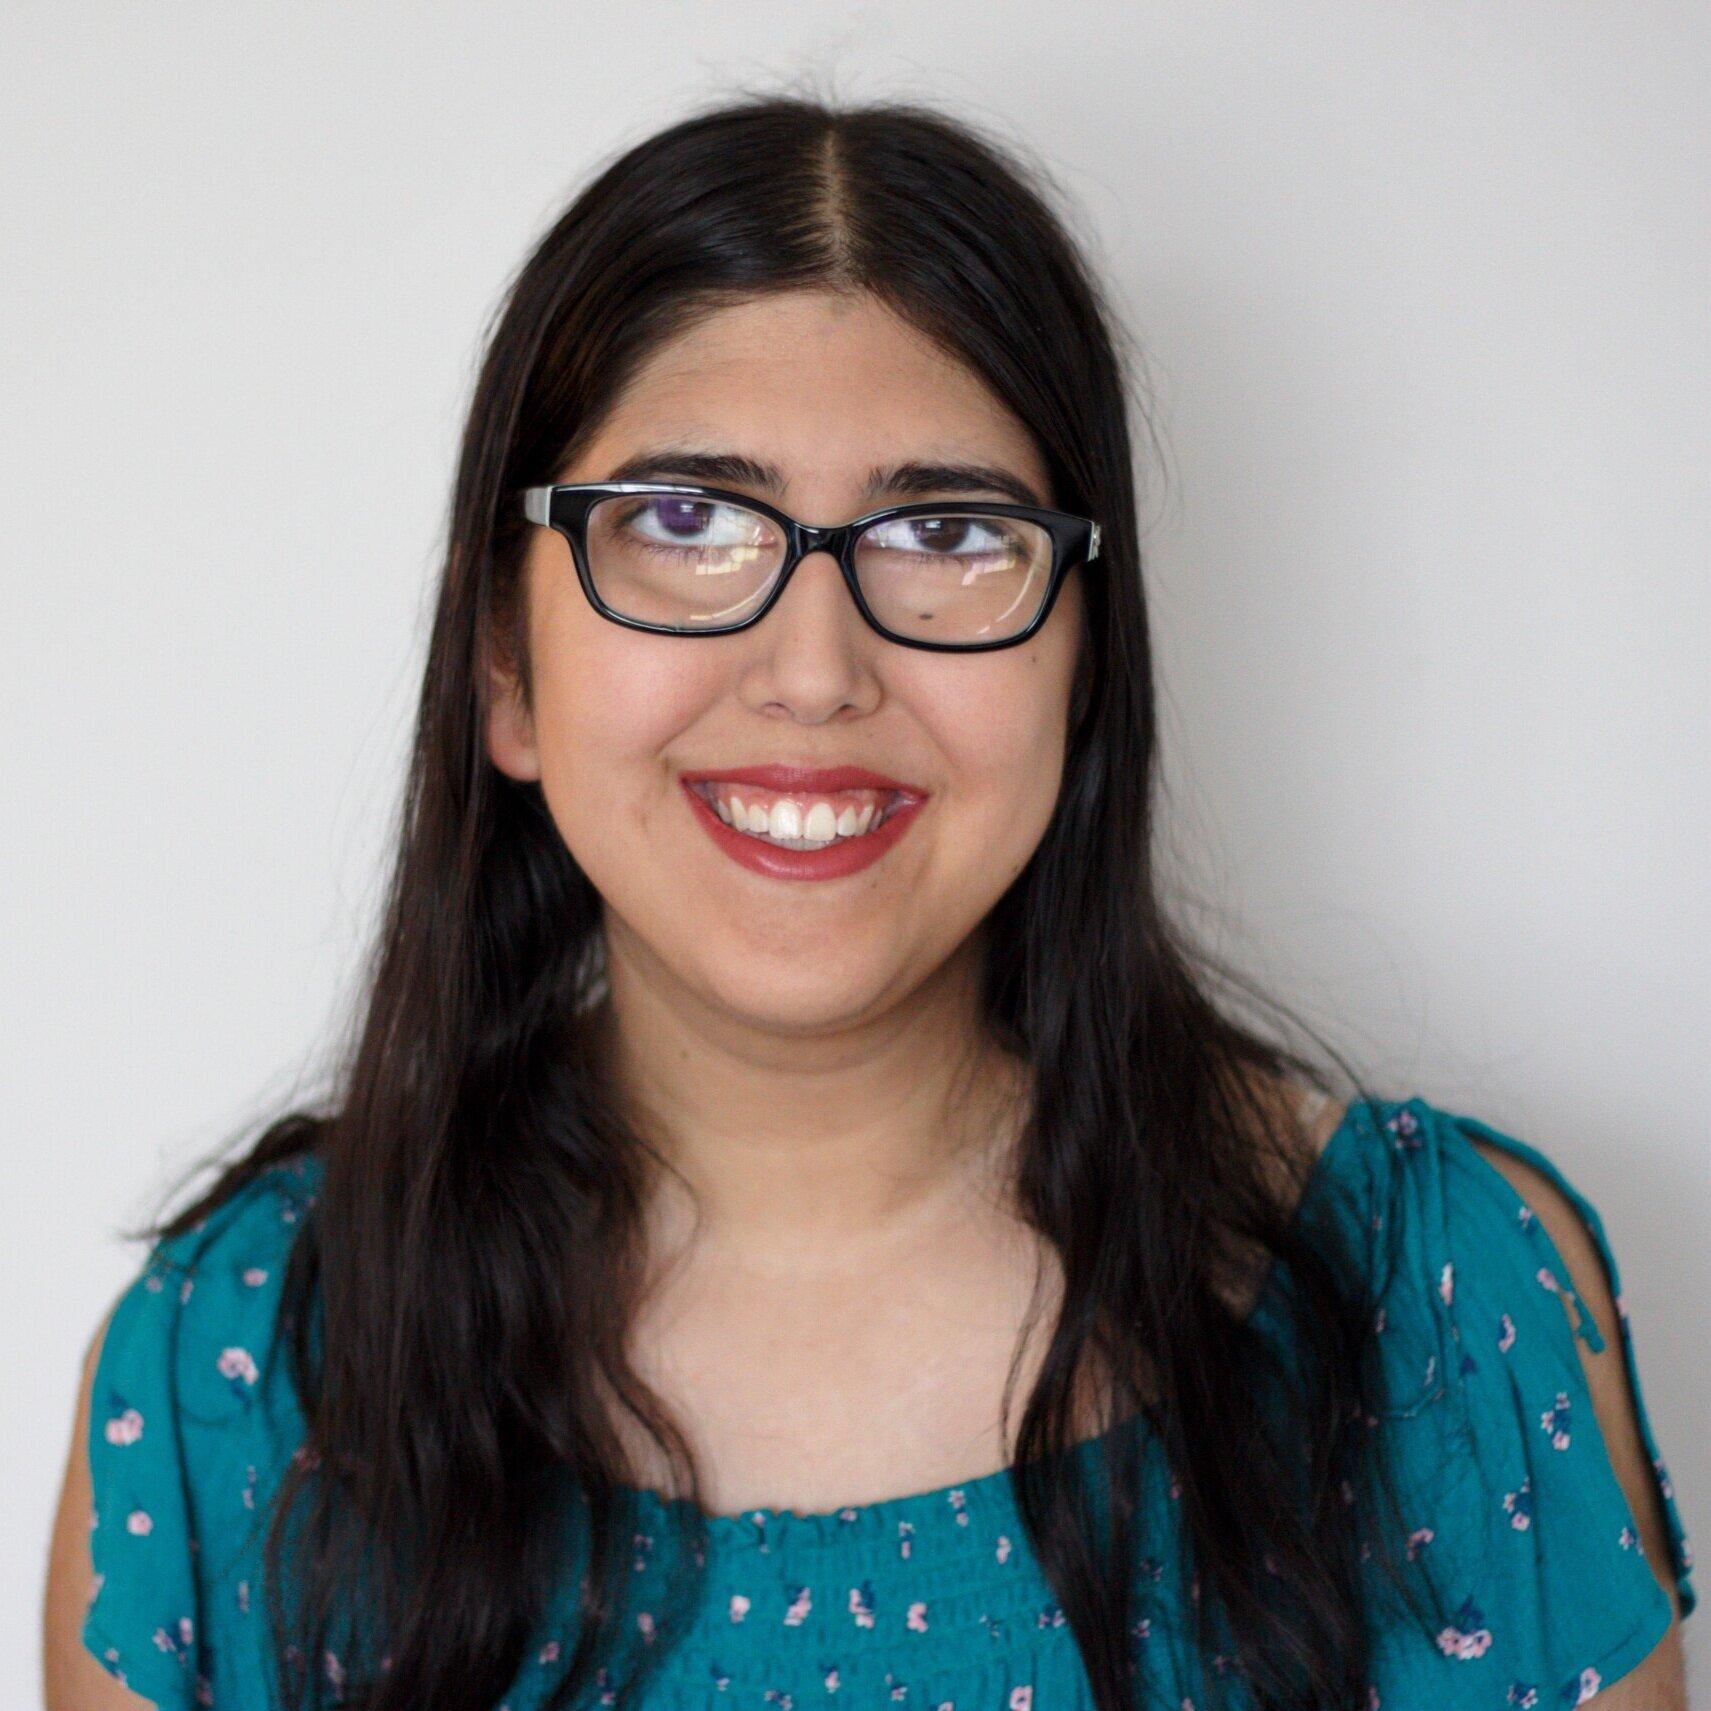 Nicole Mendez-Villarrubia, Community Engagement Manager